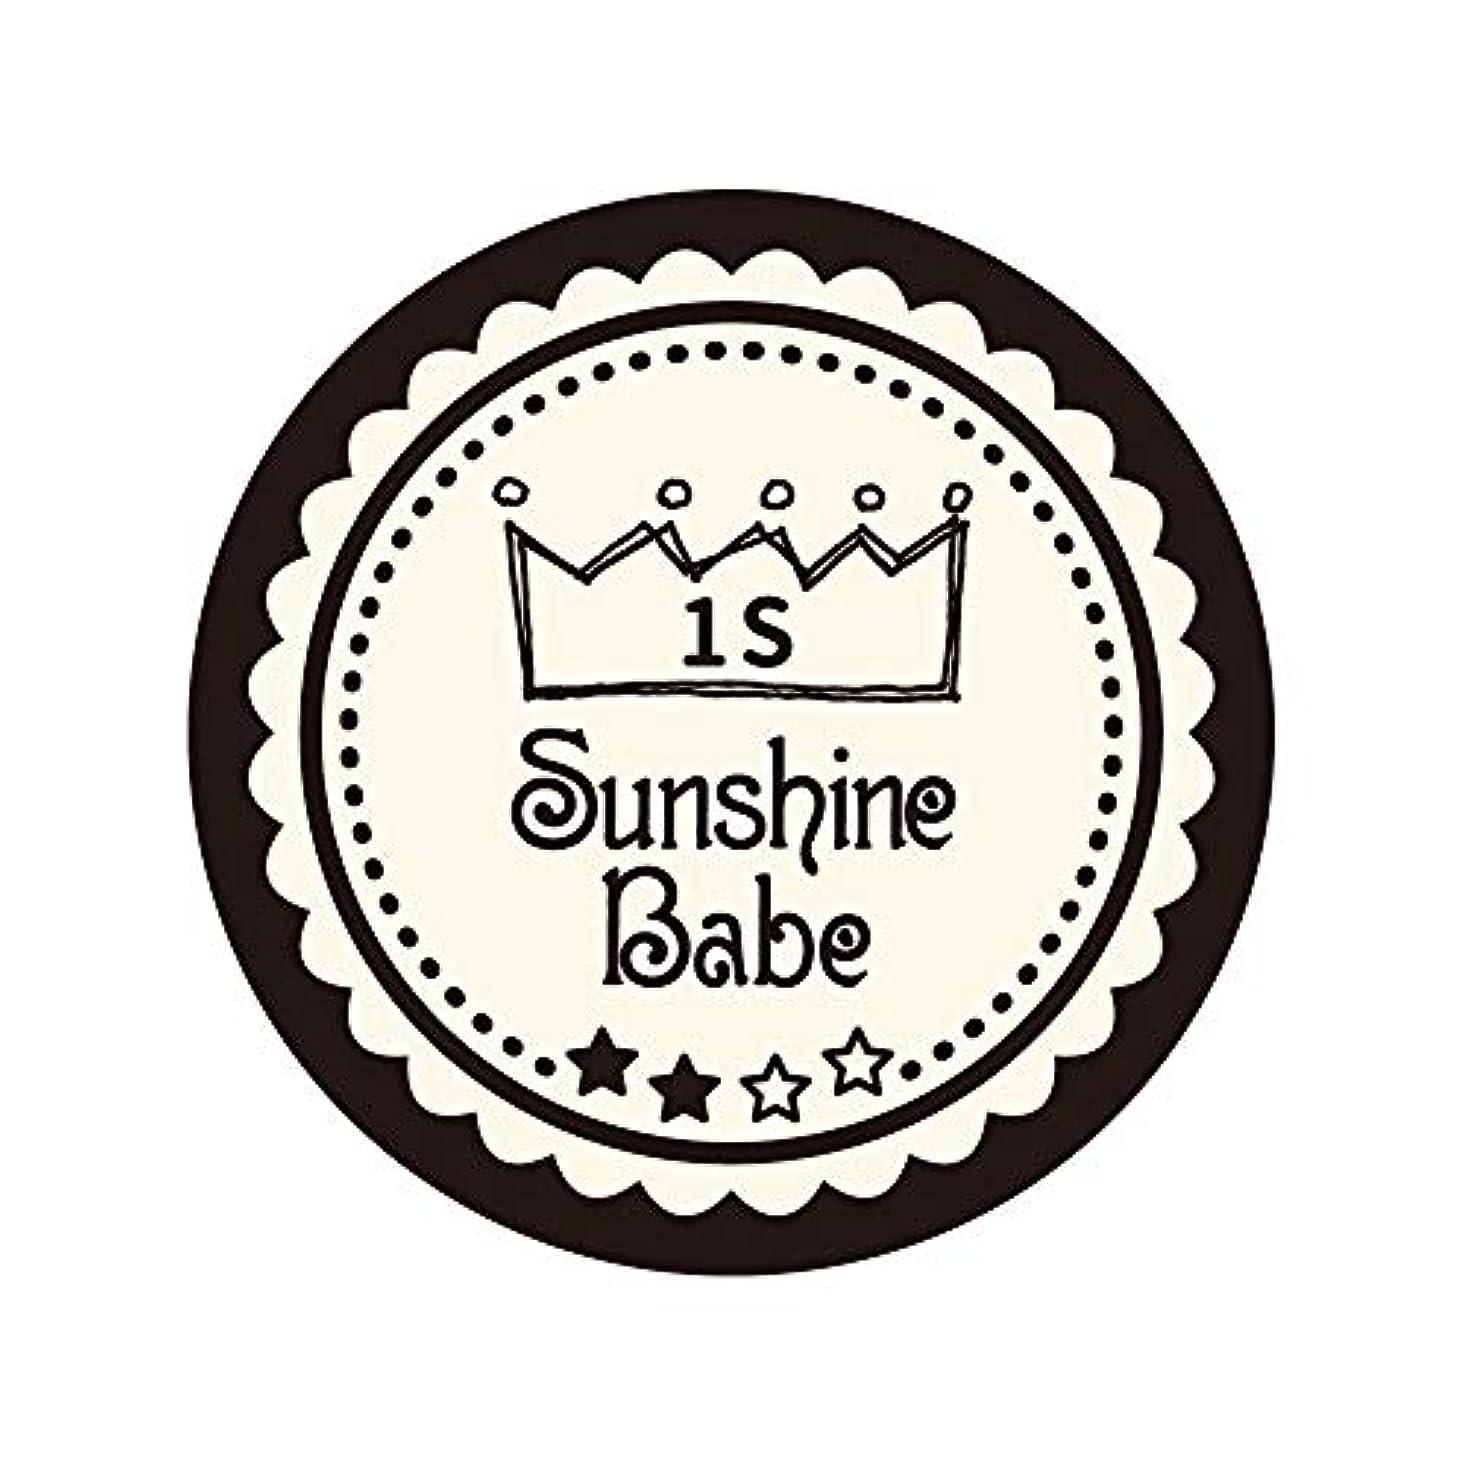 クラウド愛関税Sunshine Babe カラージェル 1S ココナッツミルク 2.7g UV/LED対応